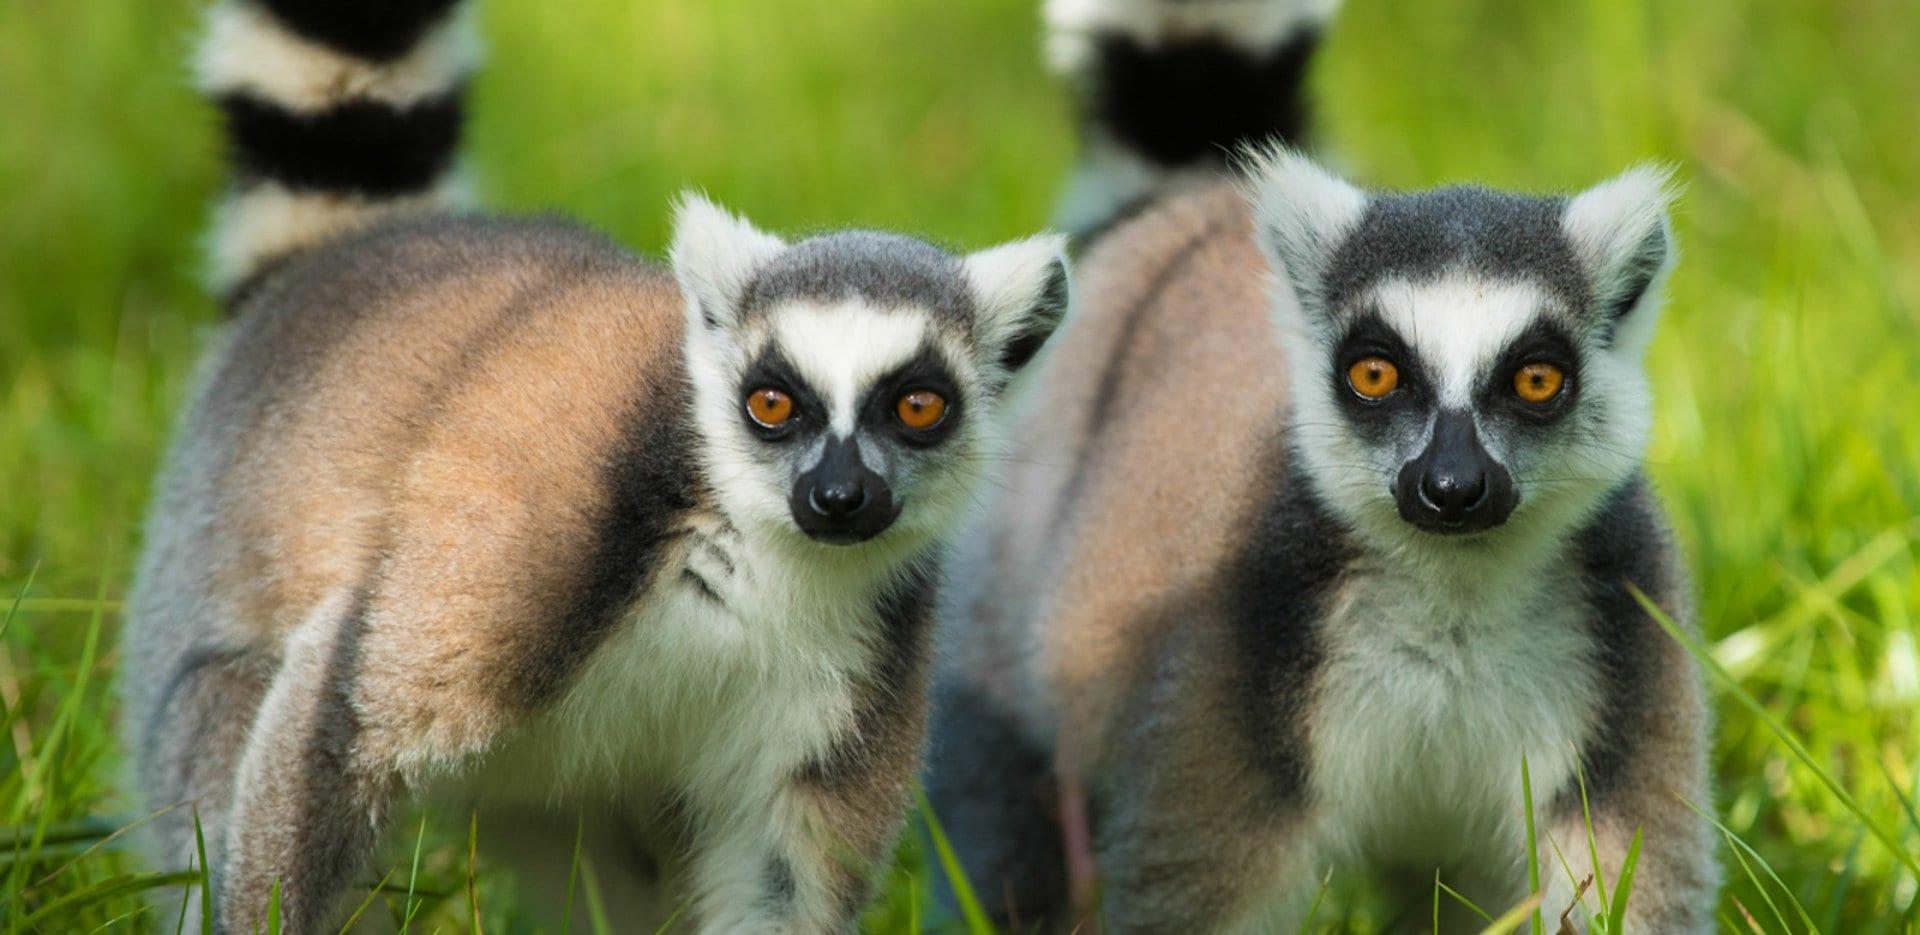 Eastern Madagascar